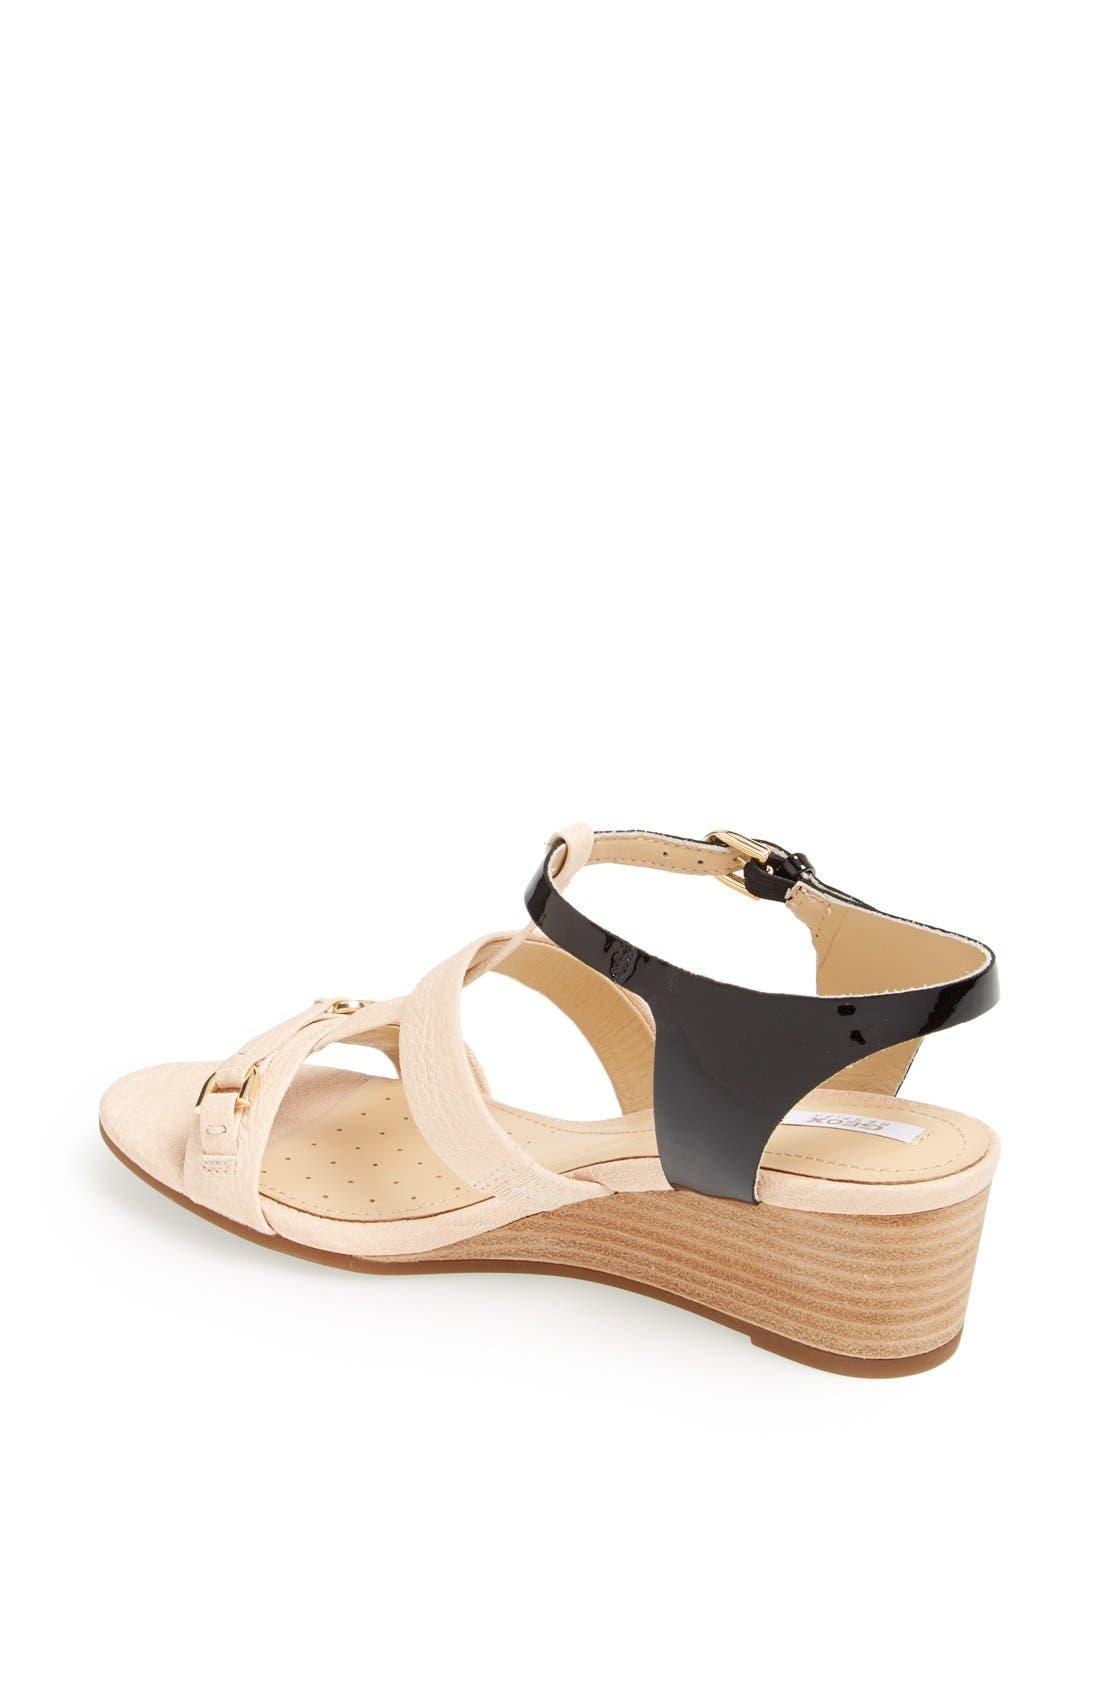 Alternate Image 2  - Geox 'Lupe' Leather Sandal